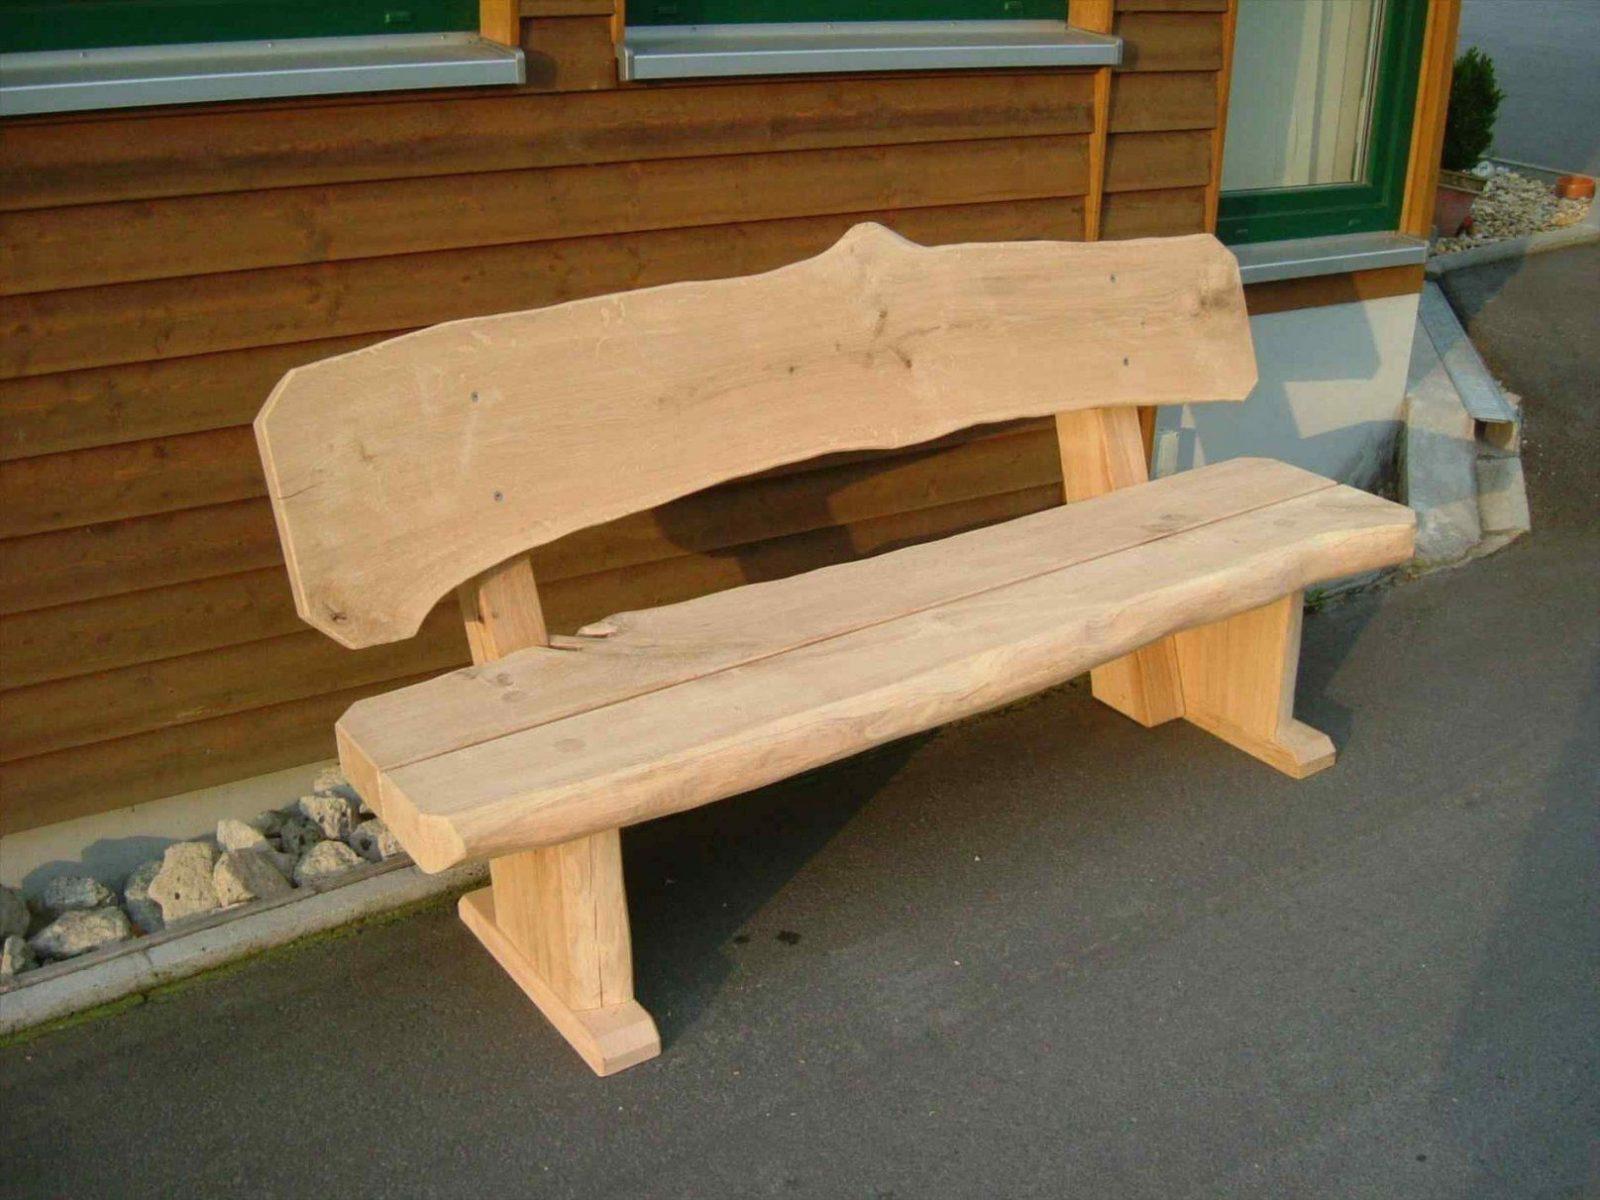 Eckbank Mit Lehne Selber Bauen Tisch Aus Holzstamm Trendy von Eckbank Mit Lehne Selber Bauen Bild